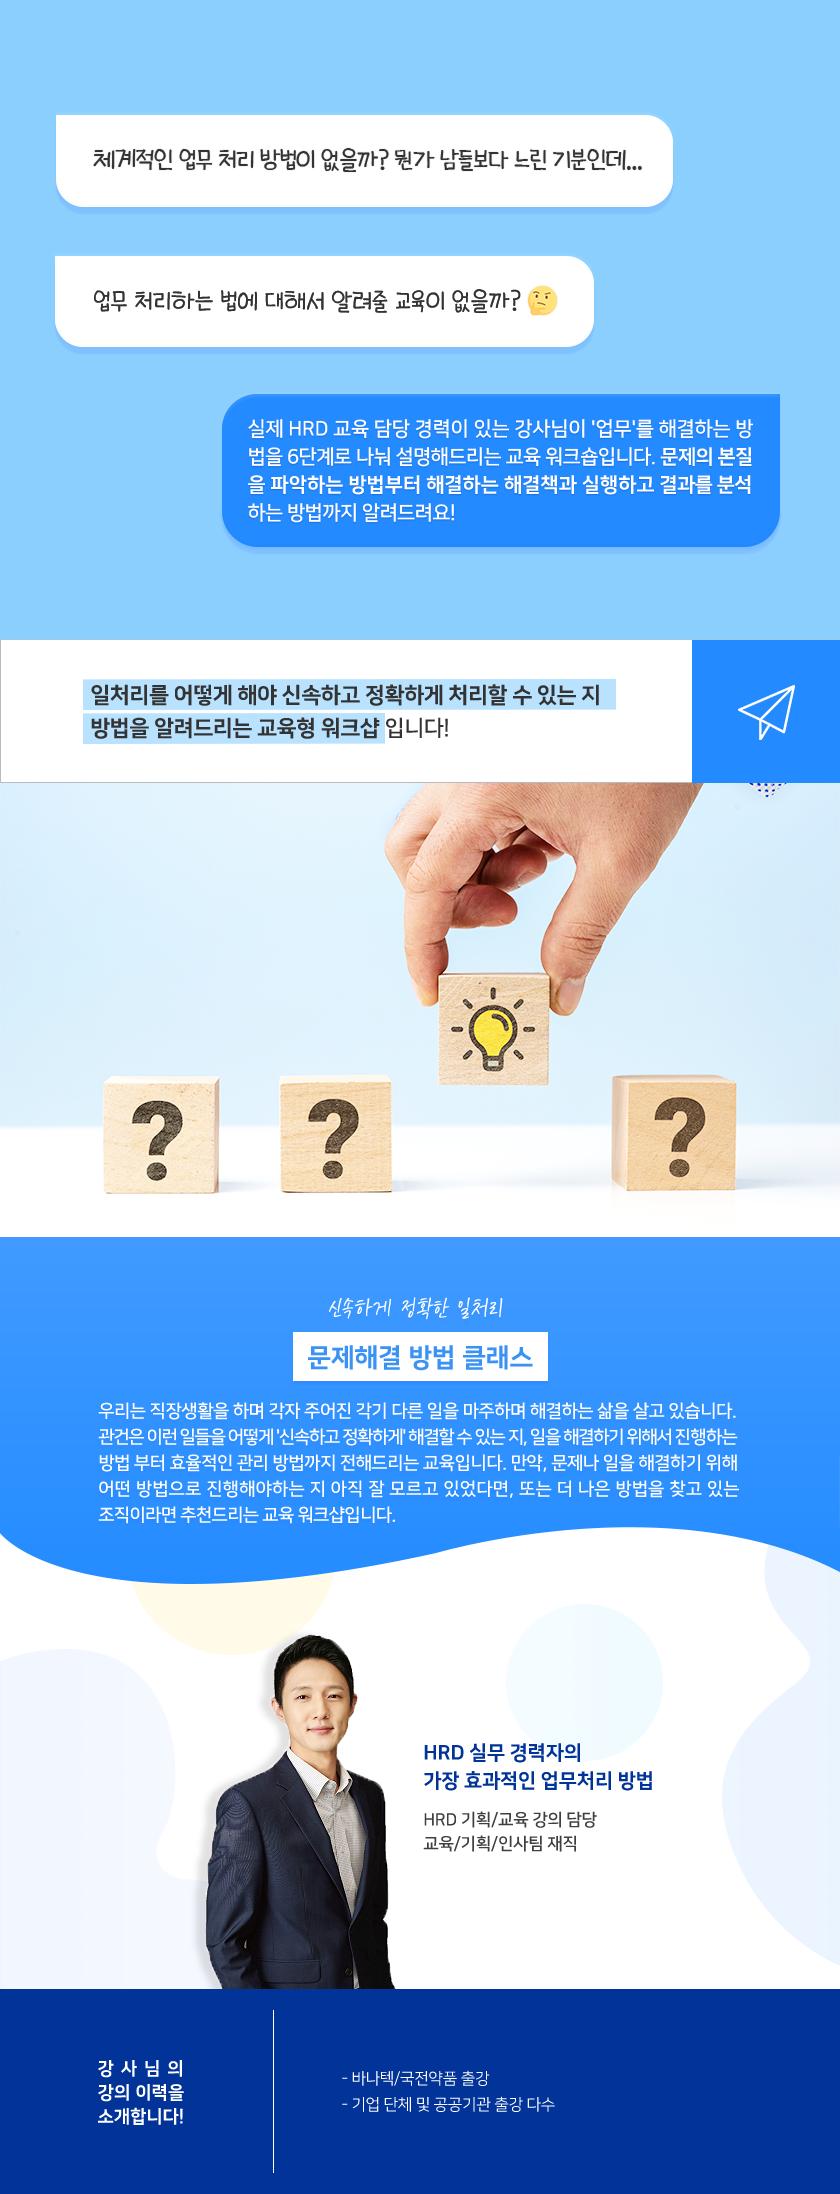 방법 클래스 상세소개   이너트립